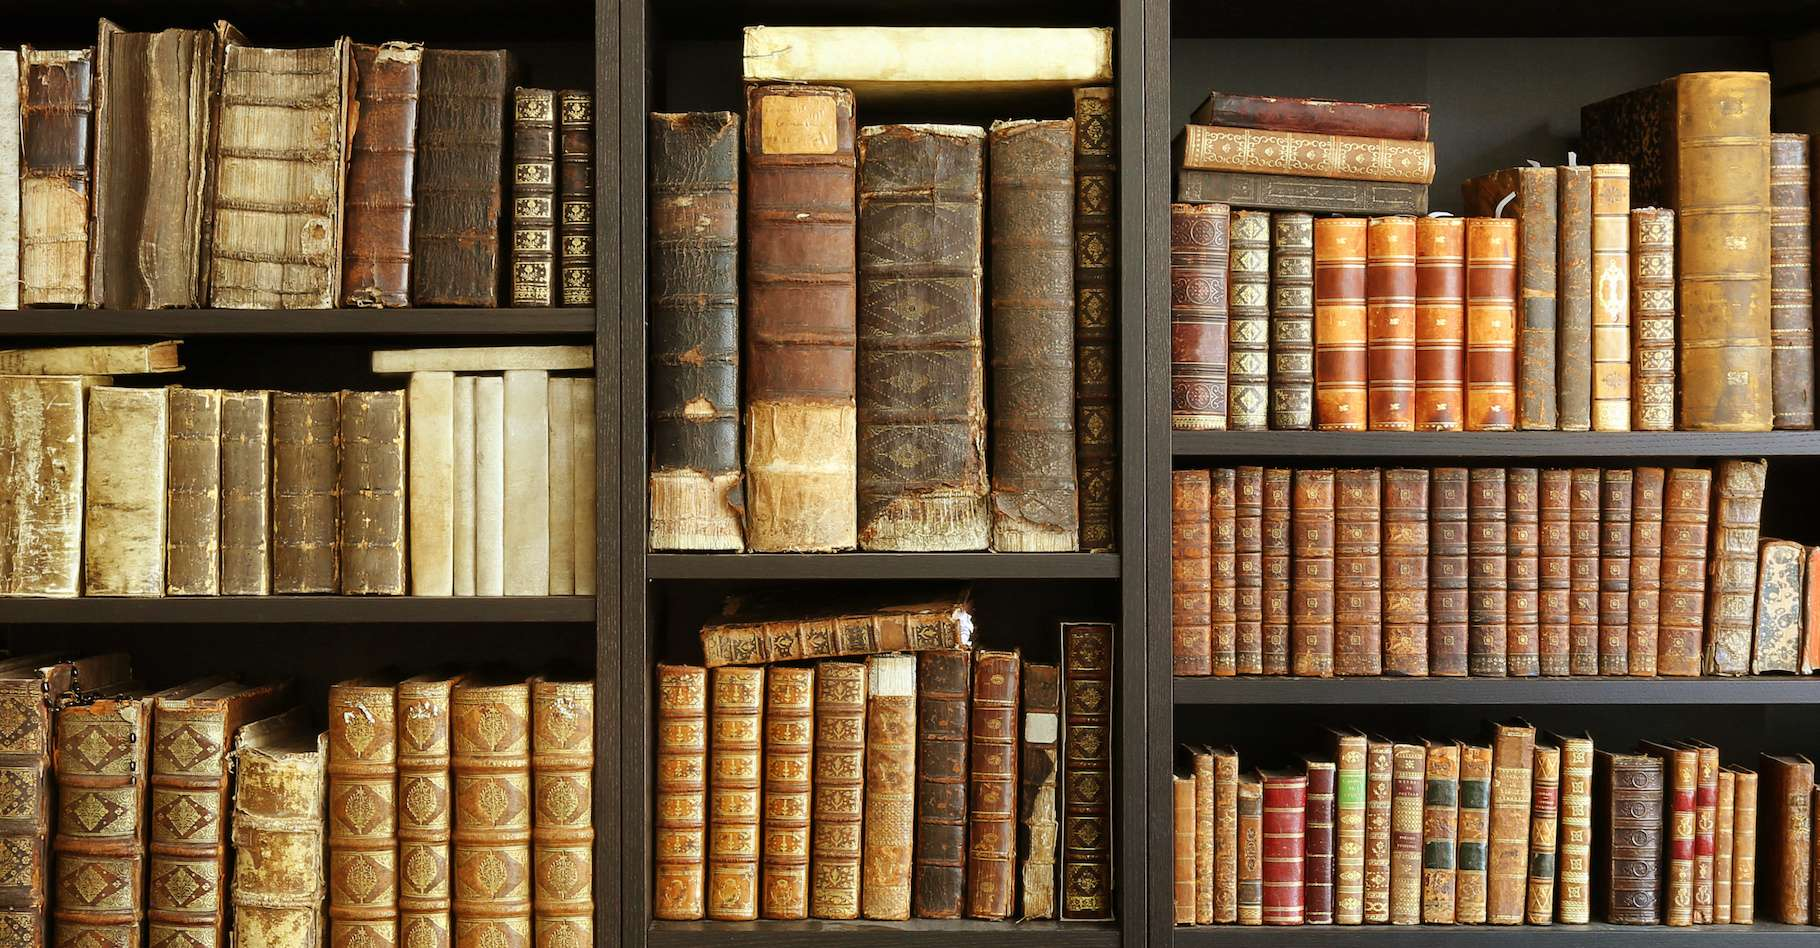 C'est un véritable trésor qui a été retrouvé dans une bibliothèque en Corse : une première édition de l'œuvre maîtresse d'Isaac Newton. © LeitnerR, Adobe Stock